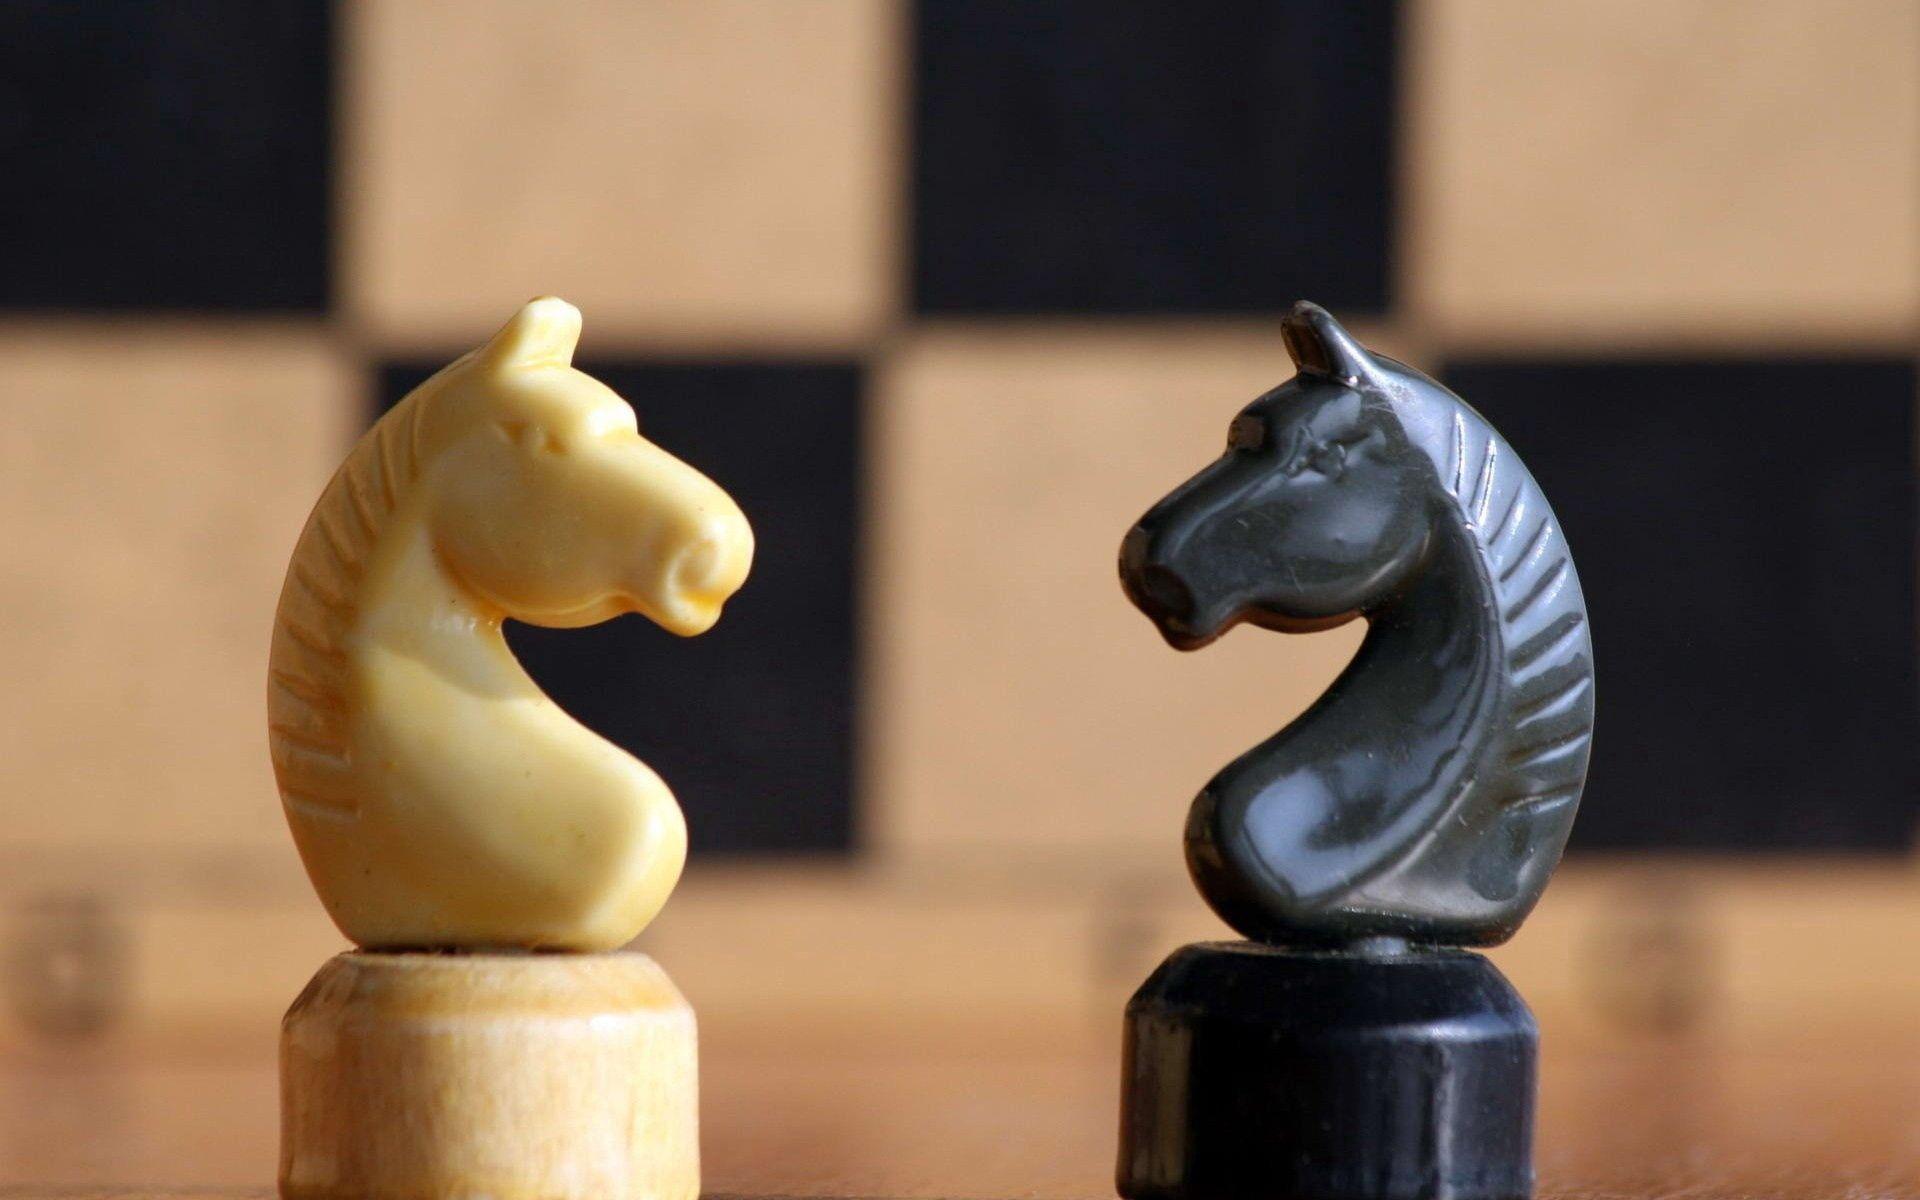 68879 Hintergrundbild herunterladen Chess, Verschiedenes, Sonstige, Spiel, Das Spiel, Pferd - Bildschirmschoner und Bilder kostenlos